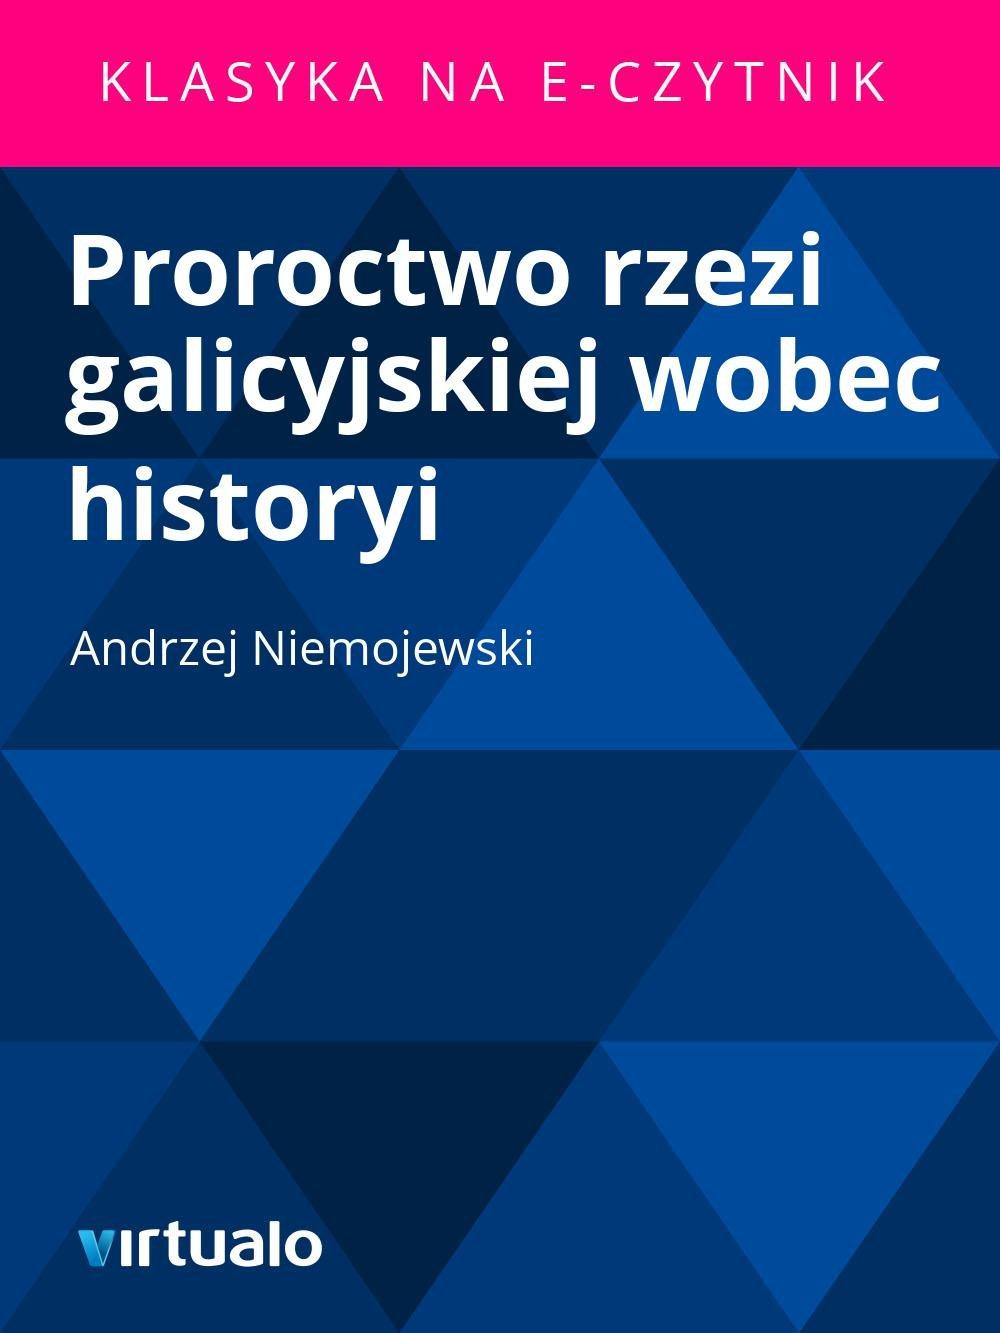 Proroctwo rzezi galicyjskiej wobec historyi - Ebook (Książka EPUB) do pobrania w formacie EPUB